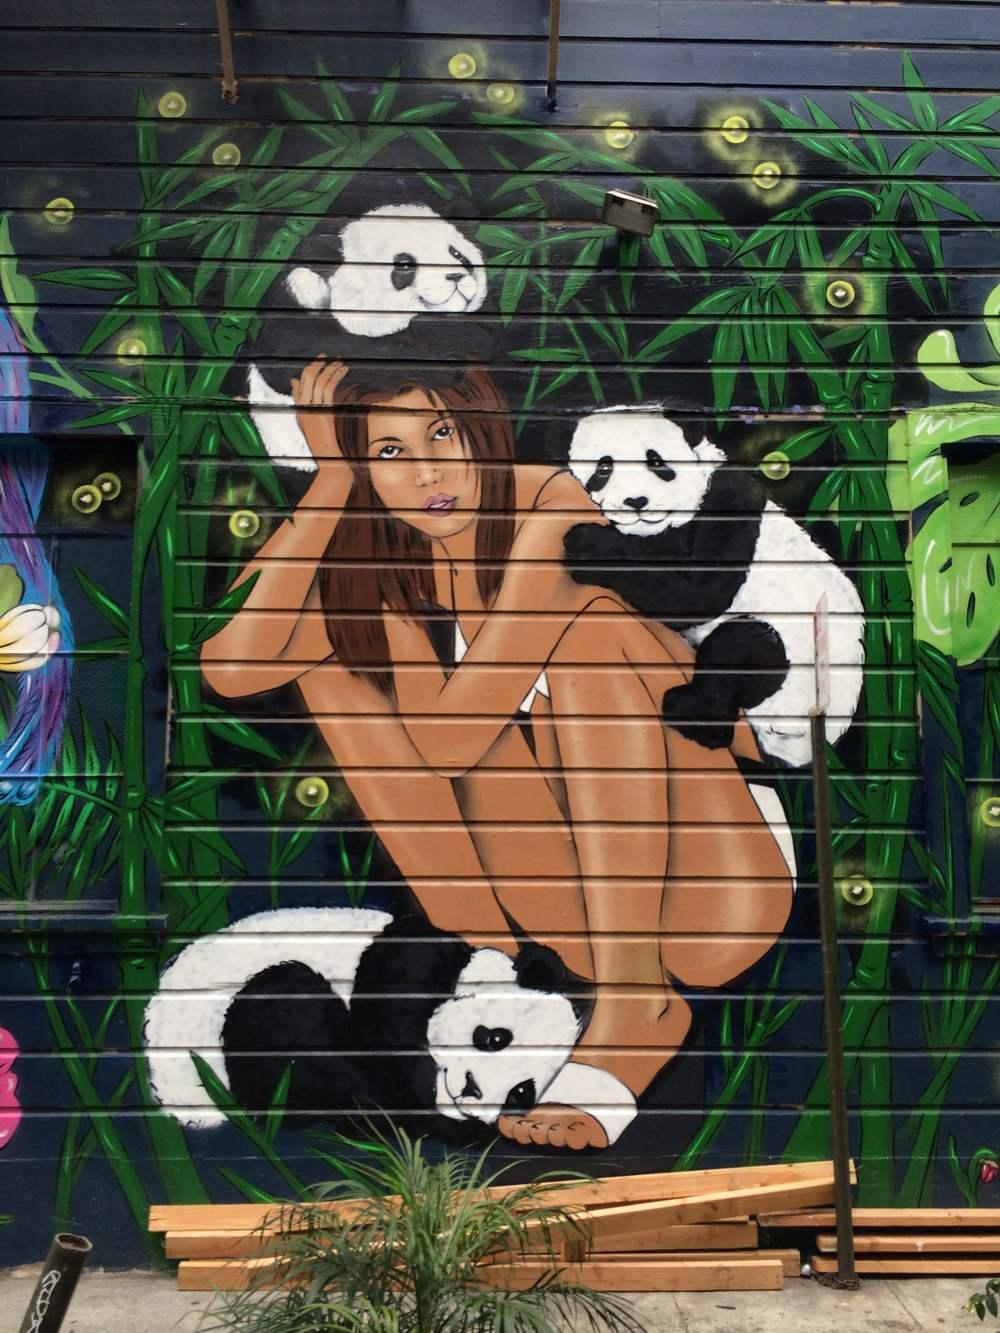 Amanda Lynn Graffiti Mural San Francisco 3